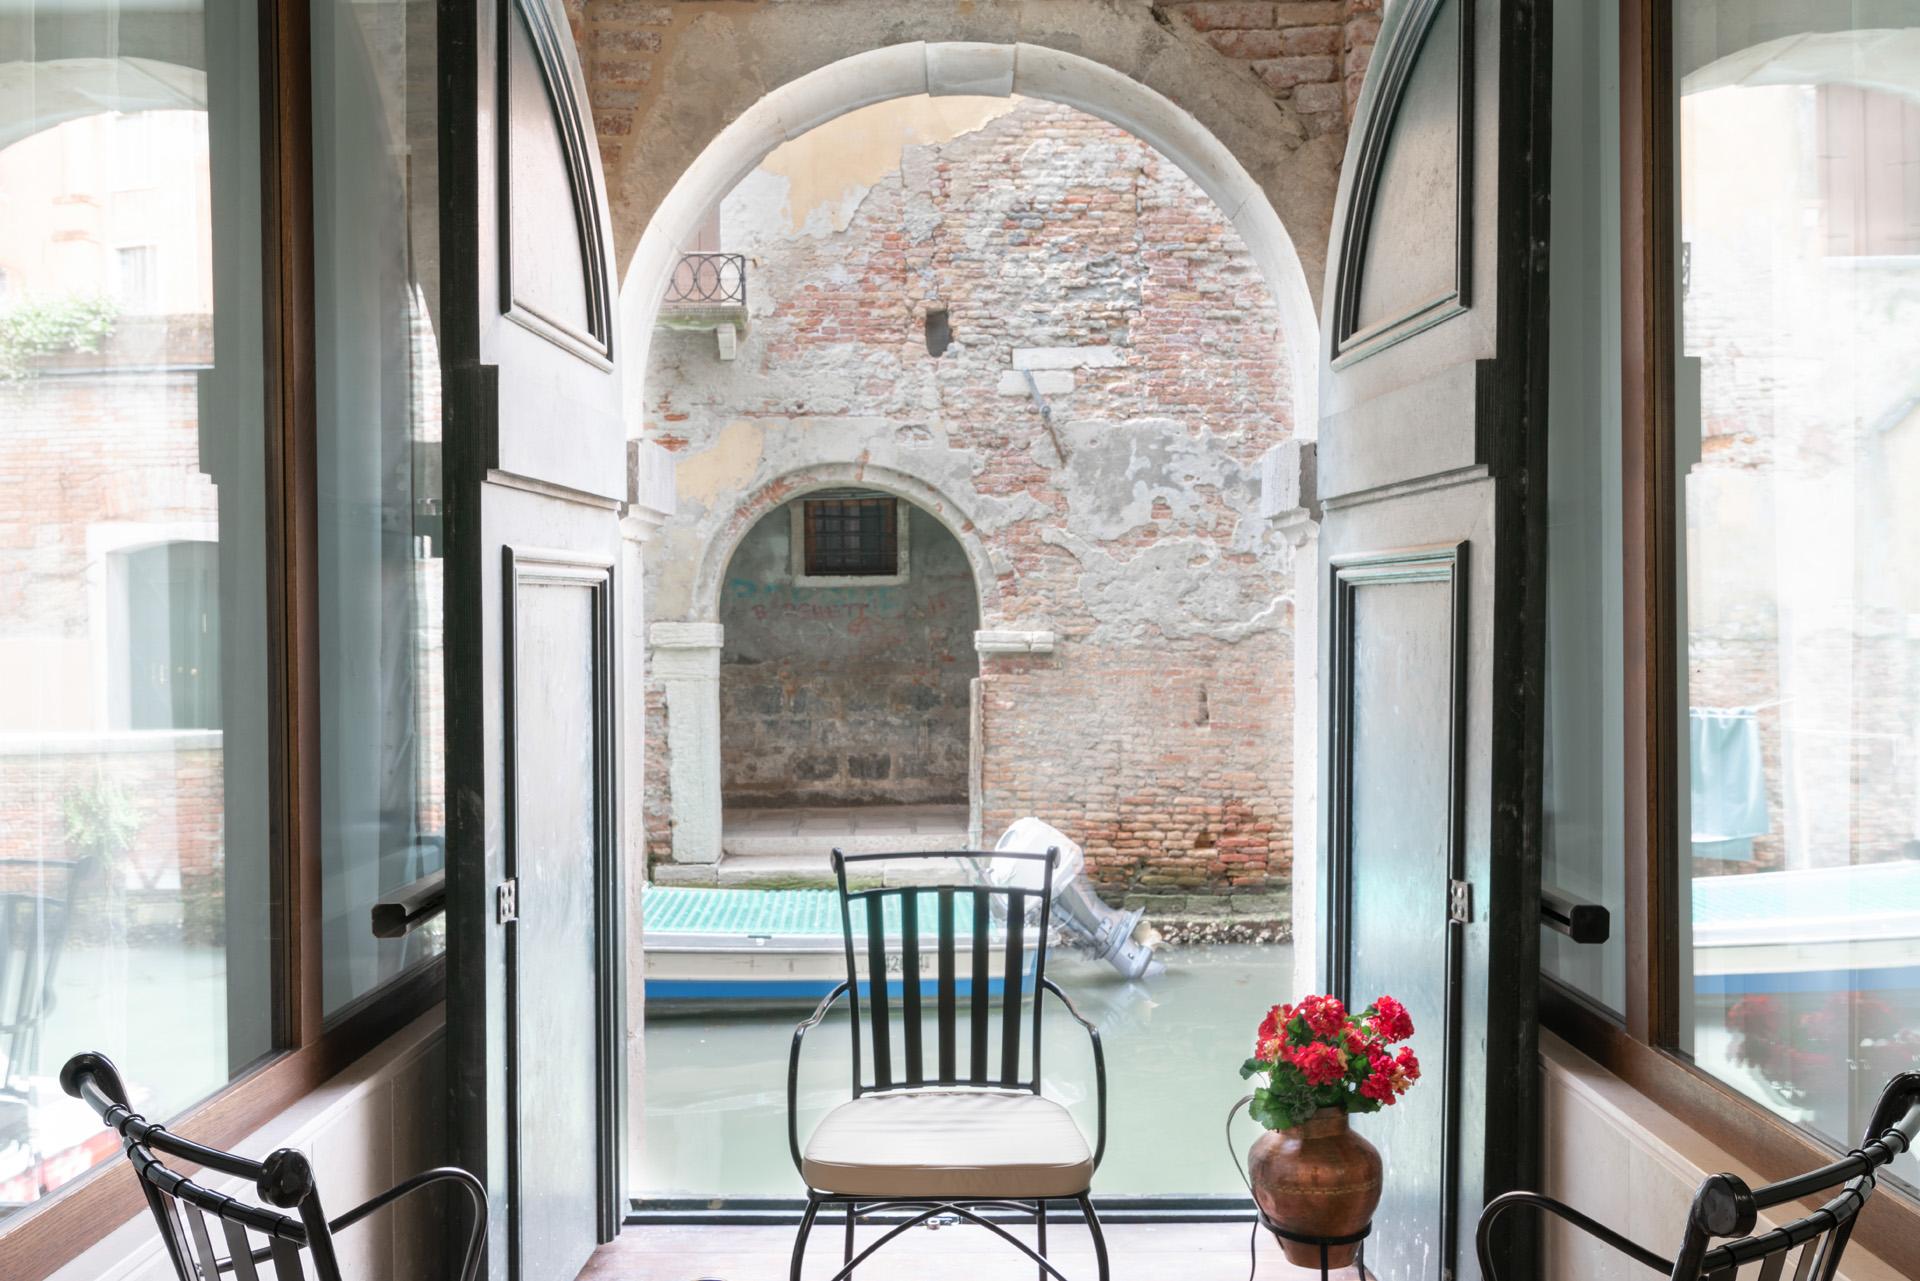 Fotografo di interni per hotel bnb appartamenti agenzie immobiliari interior design venezia best - Agenzie immobiliari bucarest ...